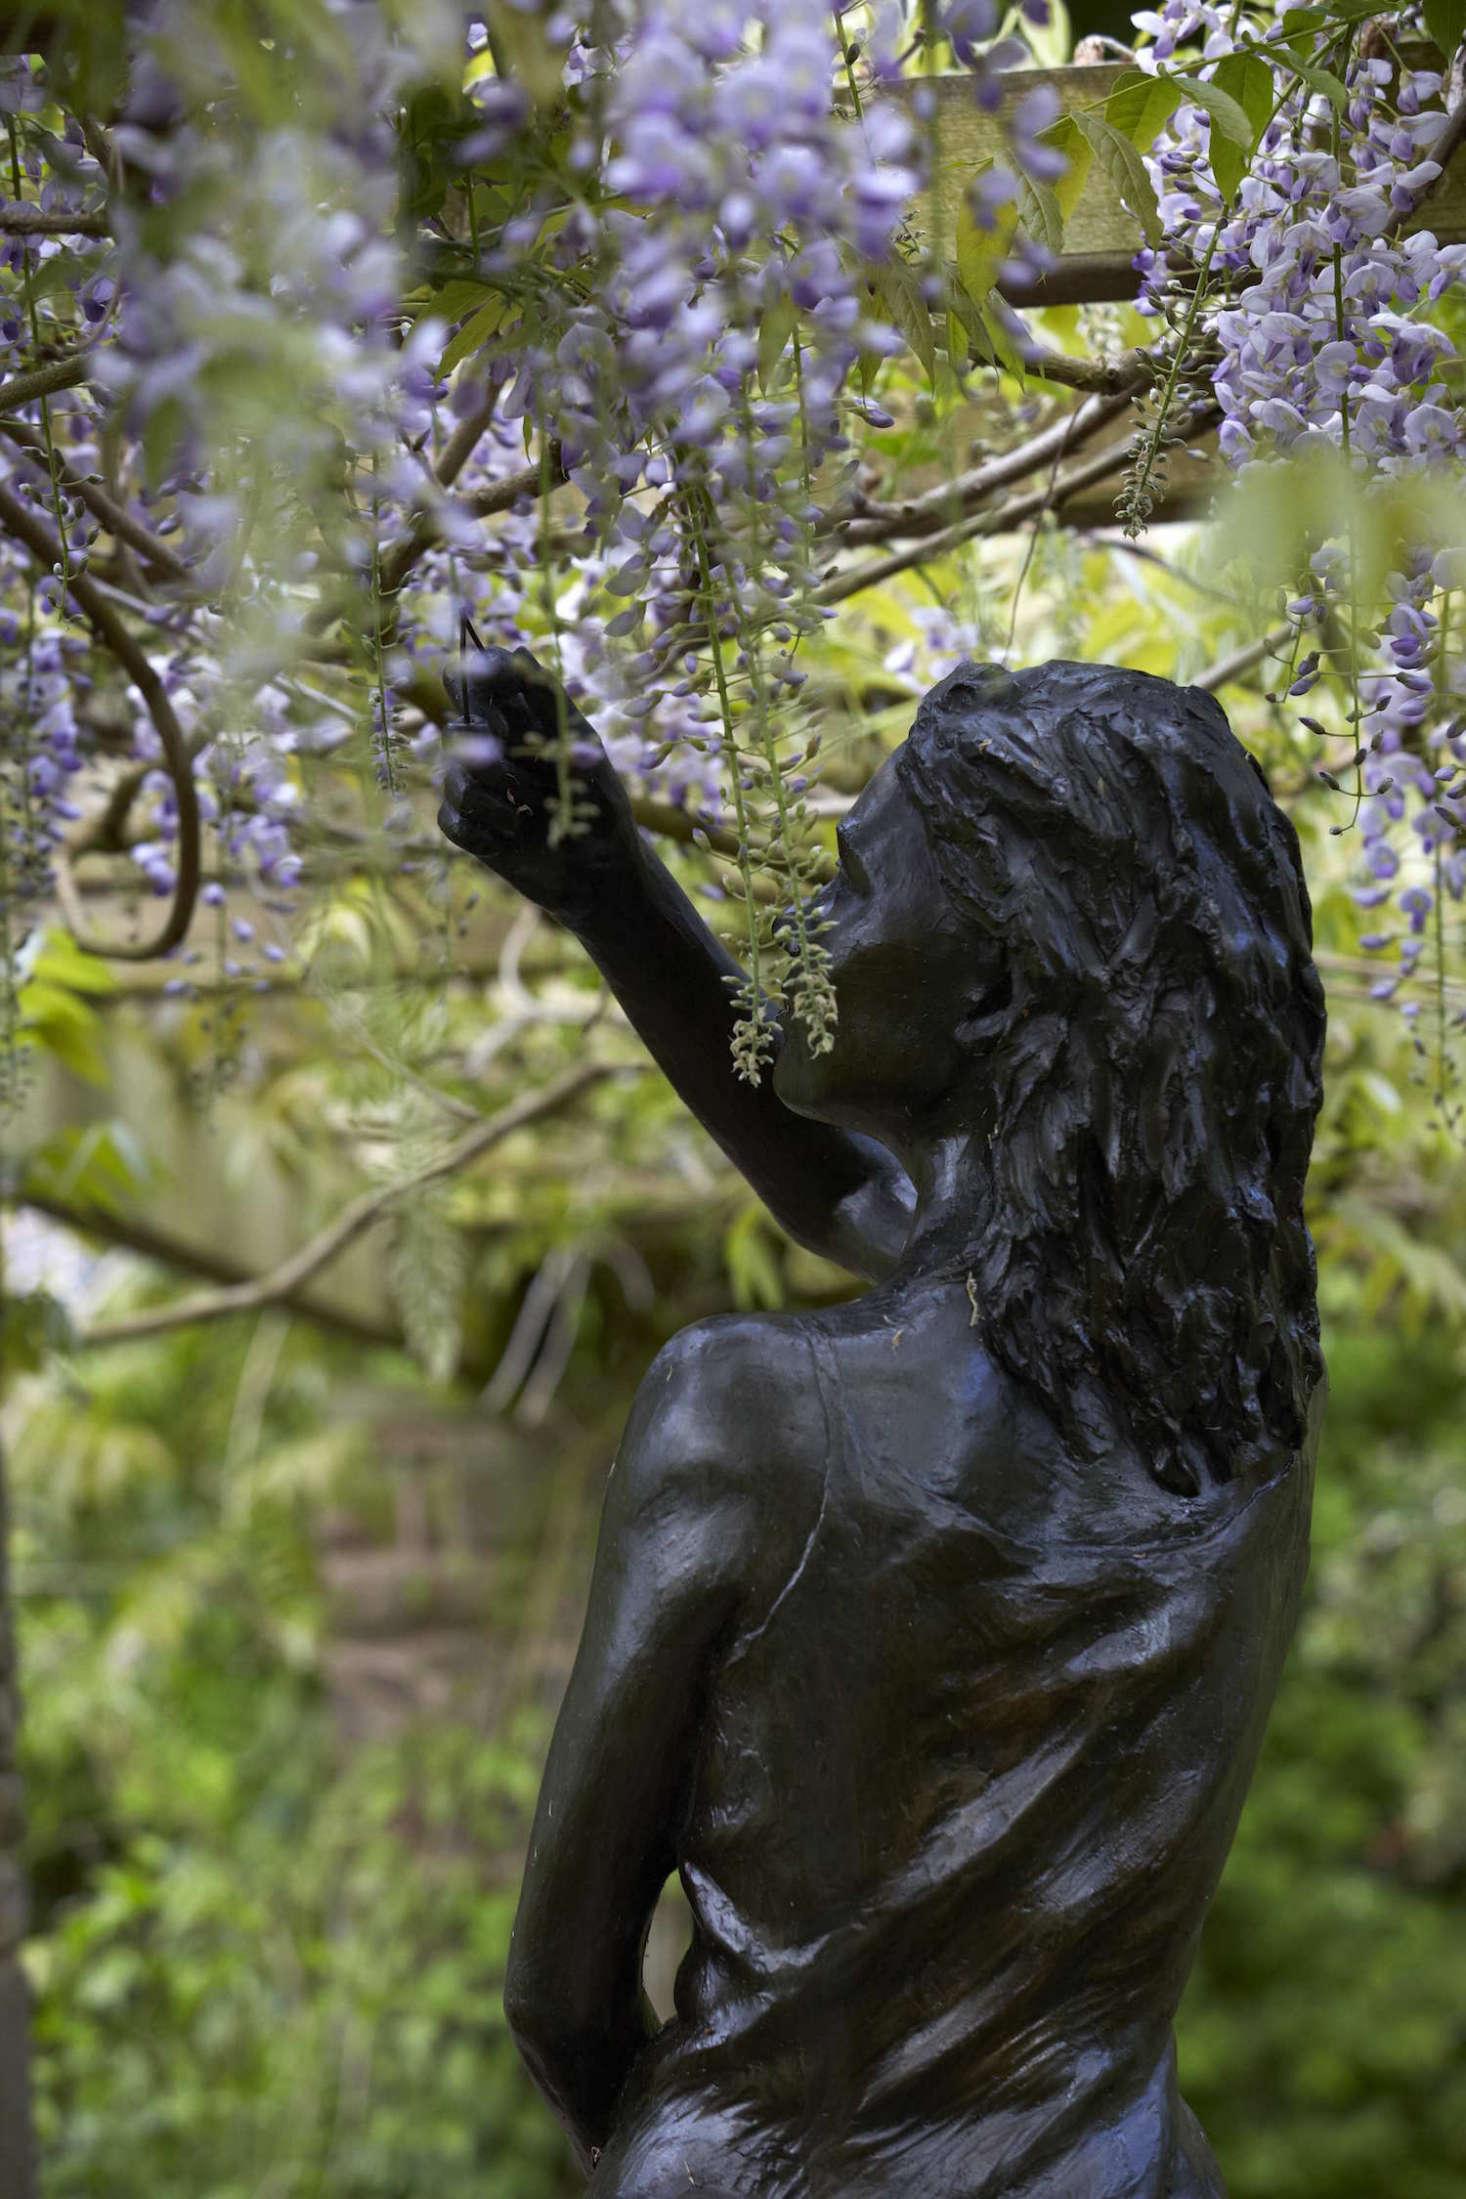 紫色的紫色玫瑰,用了更多的雕塑